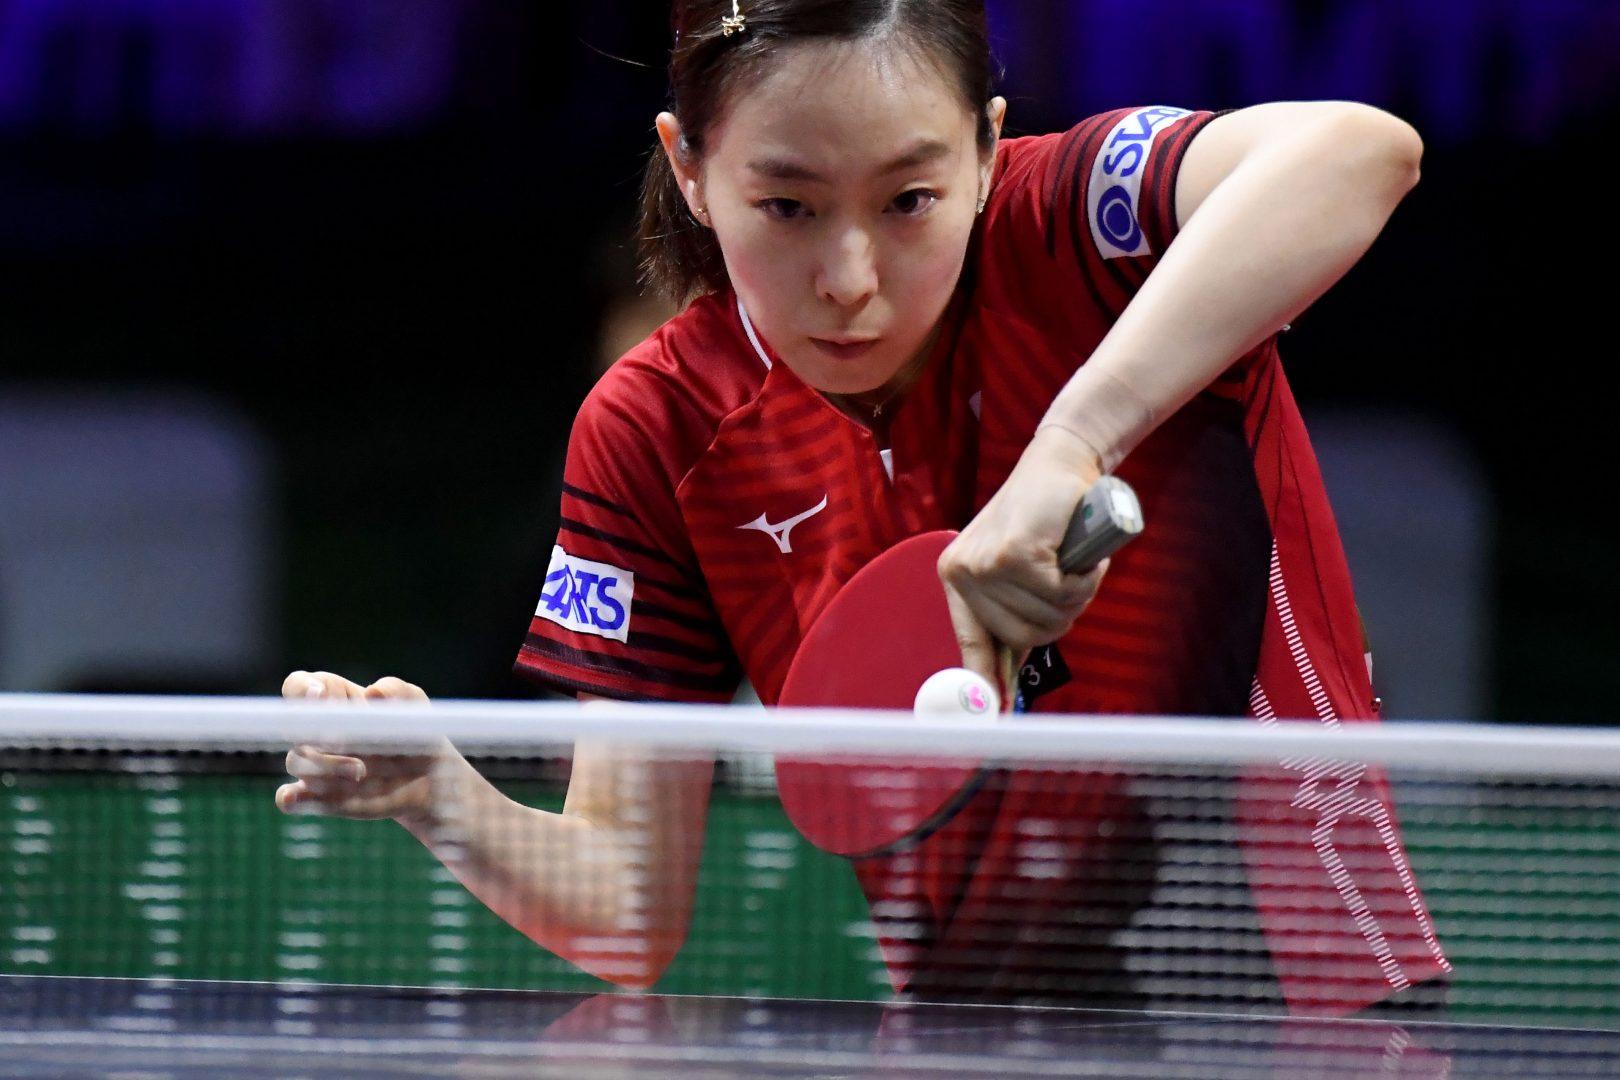 【卓球】石川、平野らが順当勝ち 伊藤は次戦で中国の若手と<世界卓球2019>